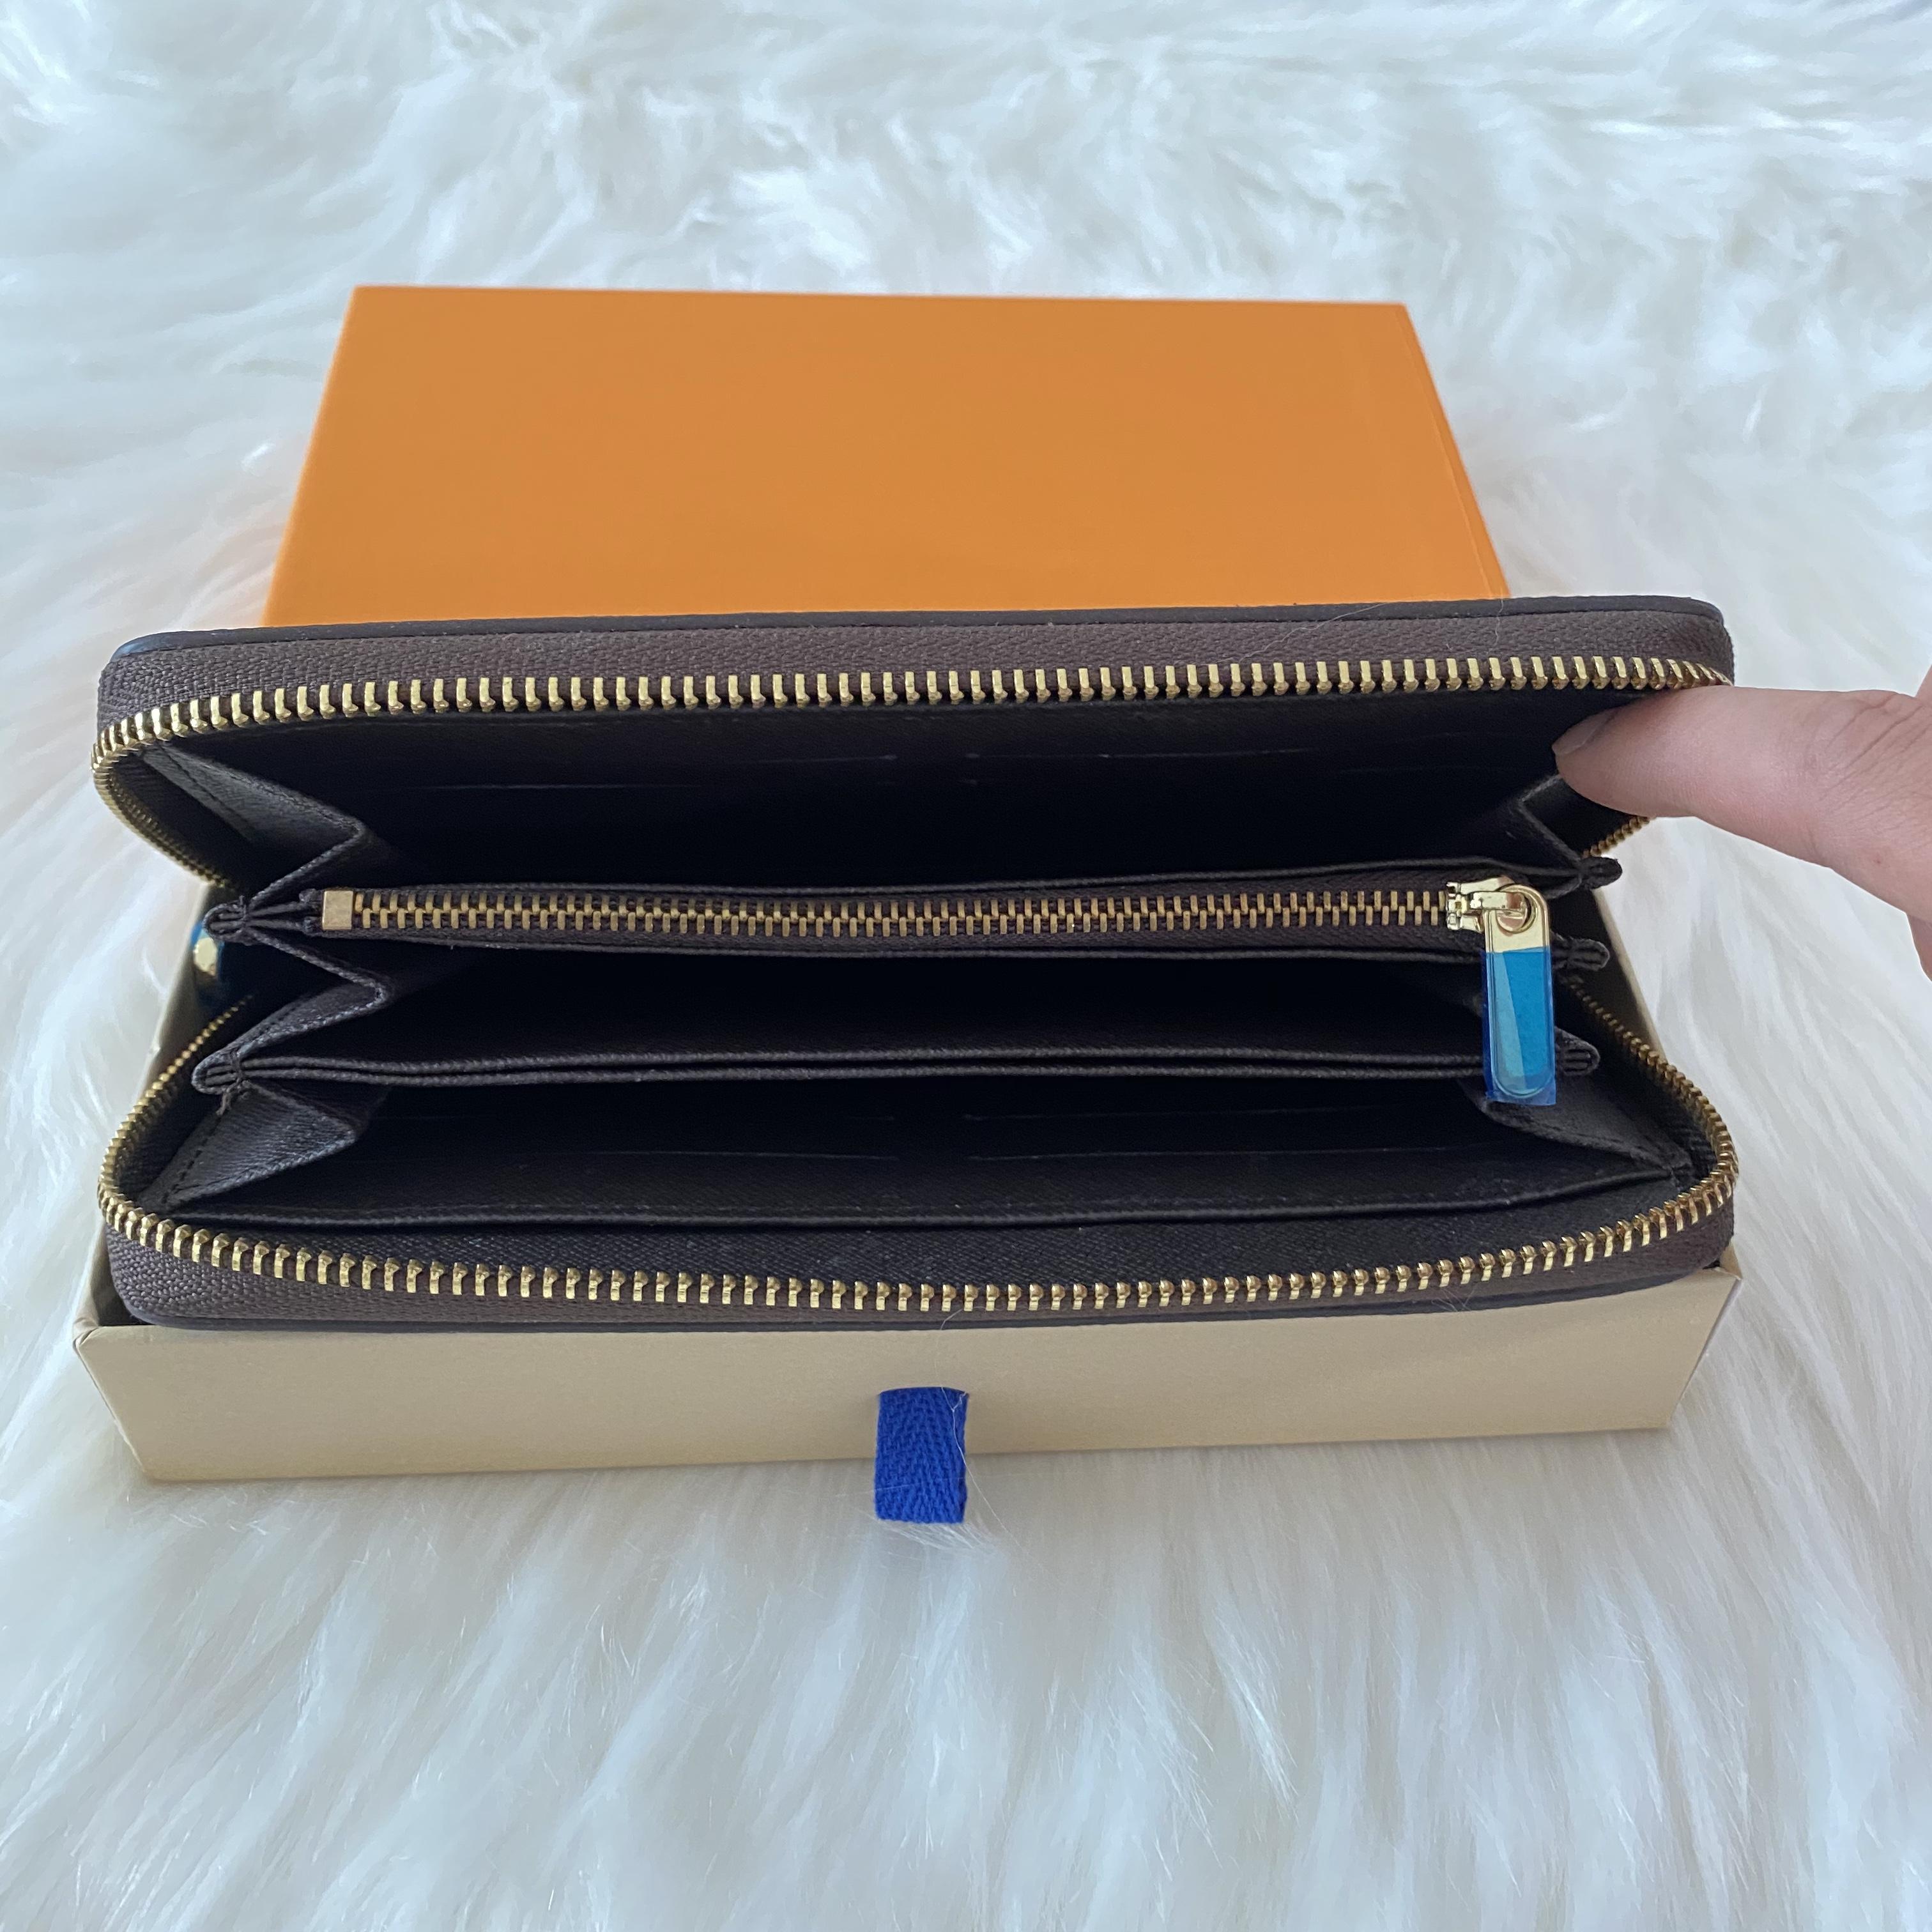 المحفظة شحن مجاني بالجملة براون طويل متعدد الألوان عملة المحفظة بطاقة حامل صندوق الأصل رجالي كلاسيك سحاب جيب المحافظ المسلسل